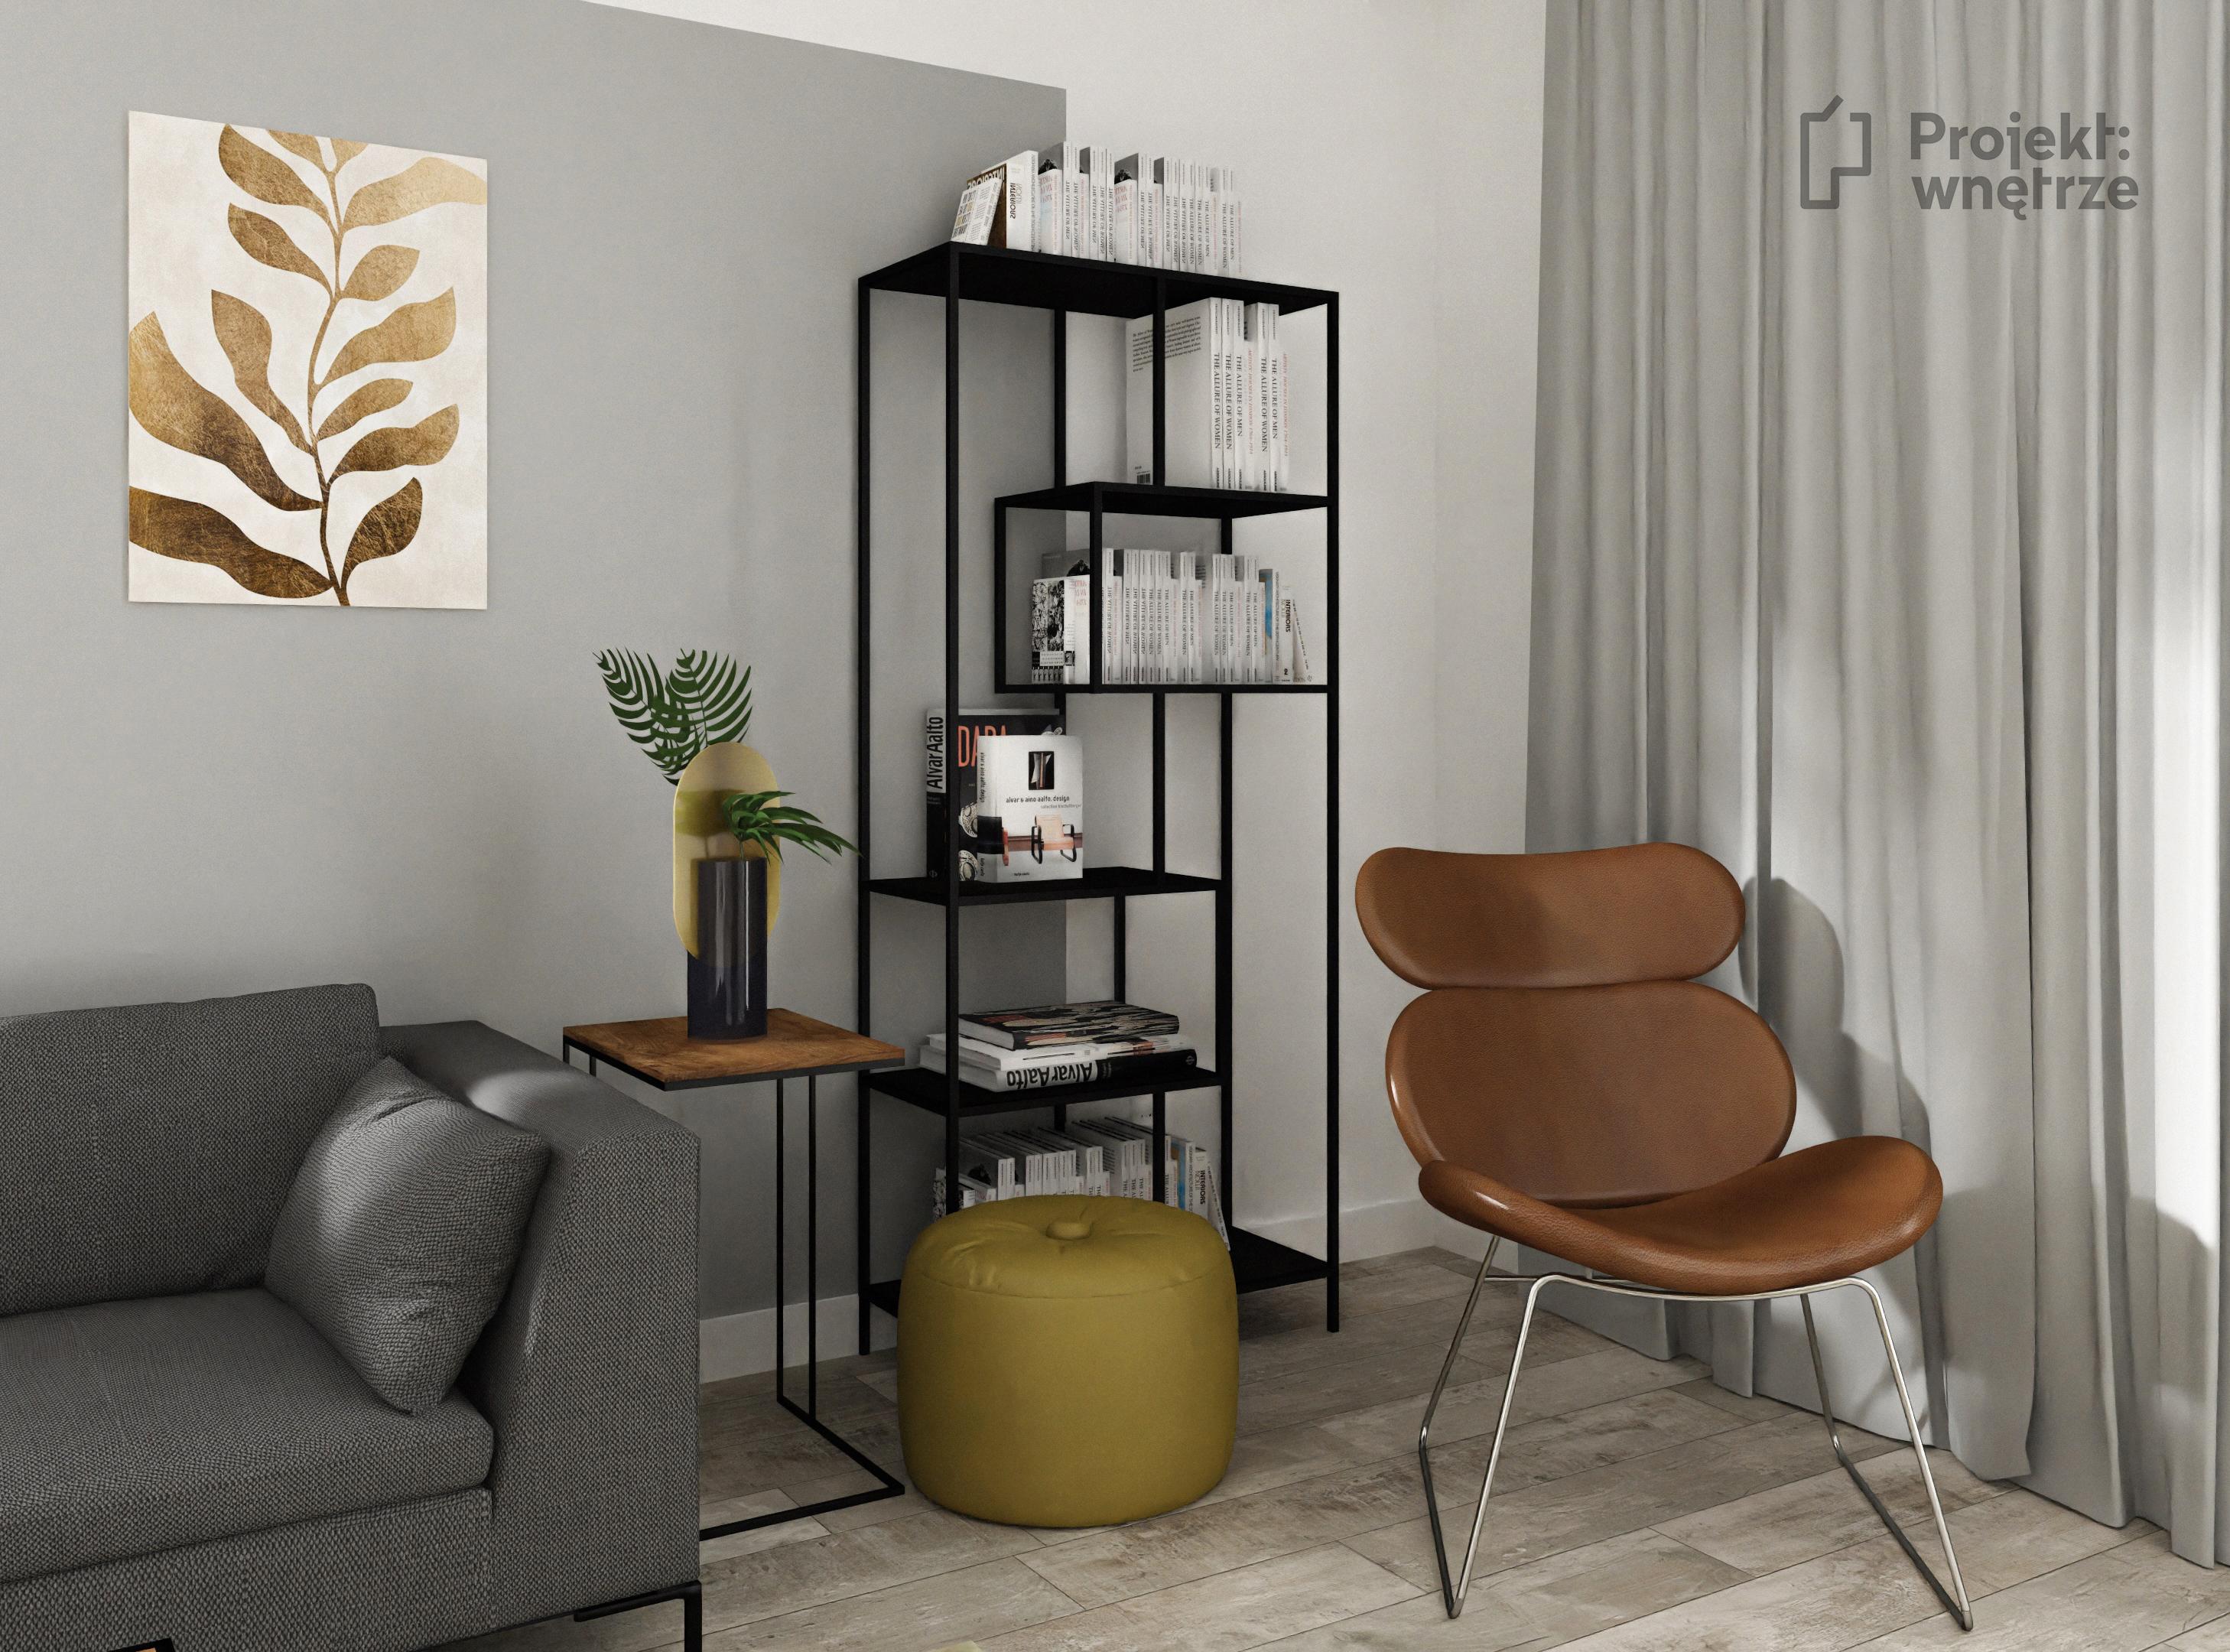 Salon nowoczesne mieszkanie z kolorem - biel czerń żółty musztardowy - PROJEKT: WNĘTRZE projektowanie wnętrz Warszawa okolice online www.projektwnetrze.com.pl